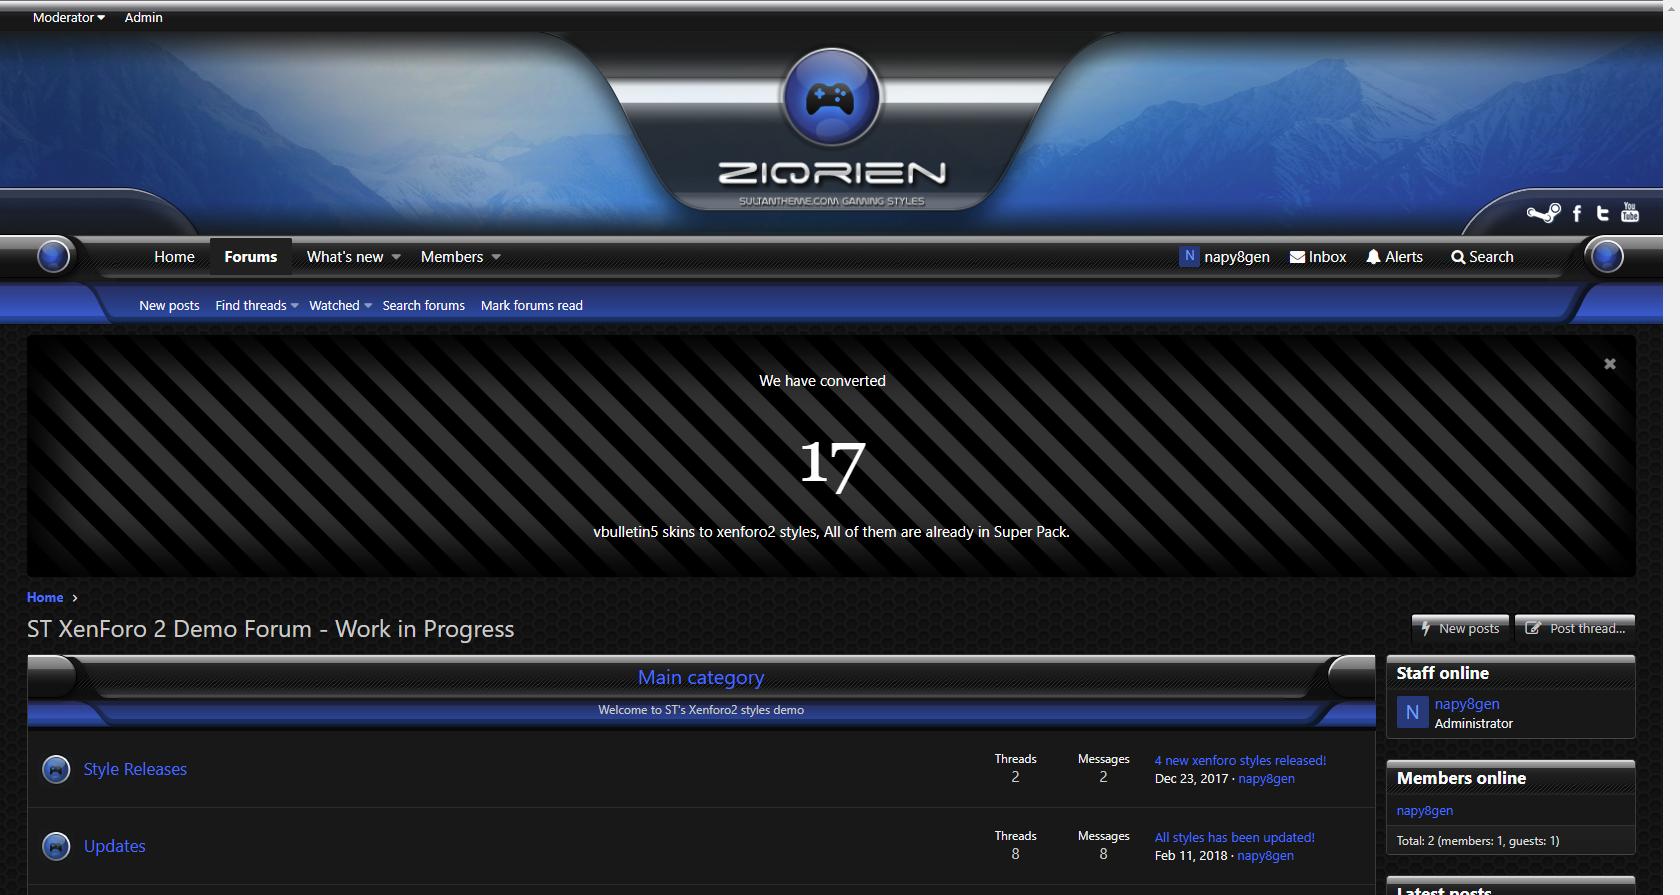 ziqrien 4 - 7 new xenforo2 styles released!